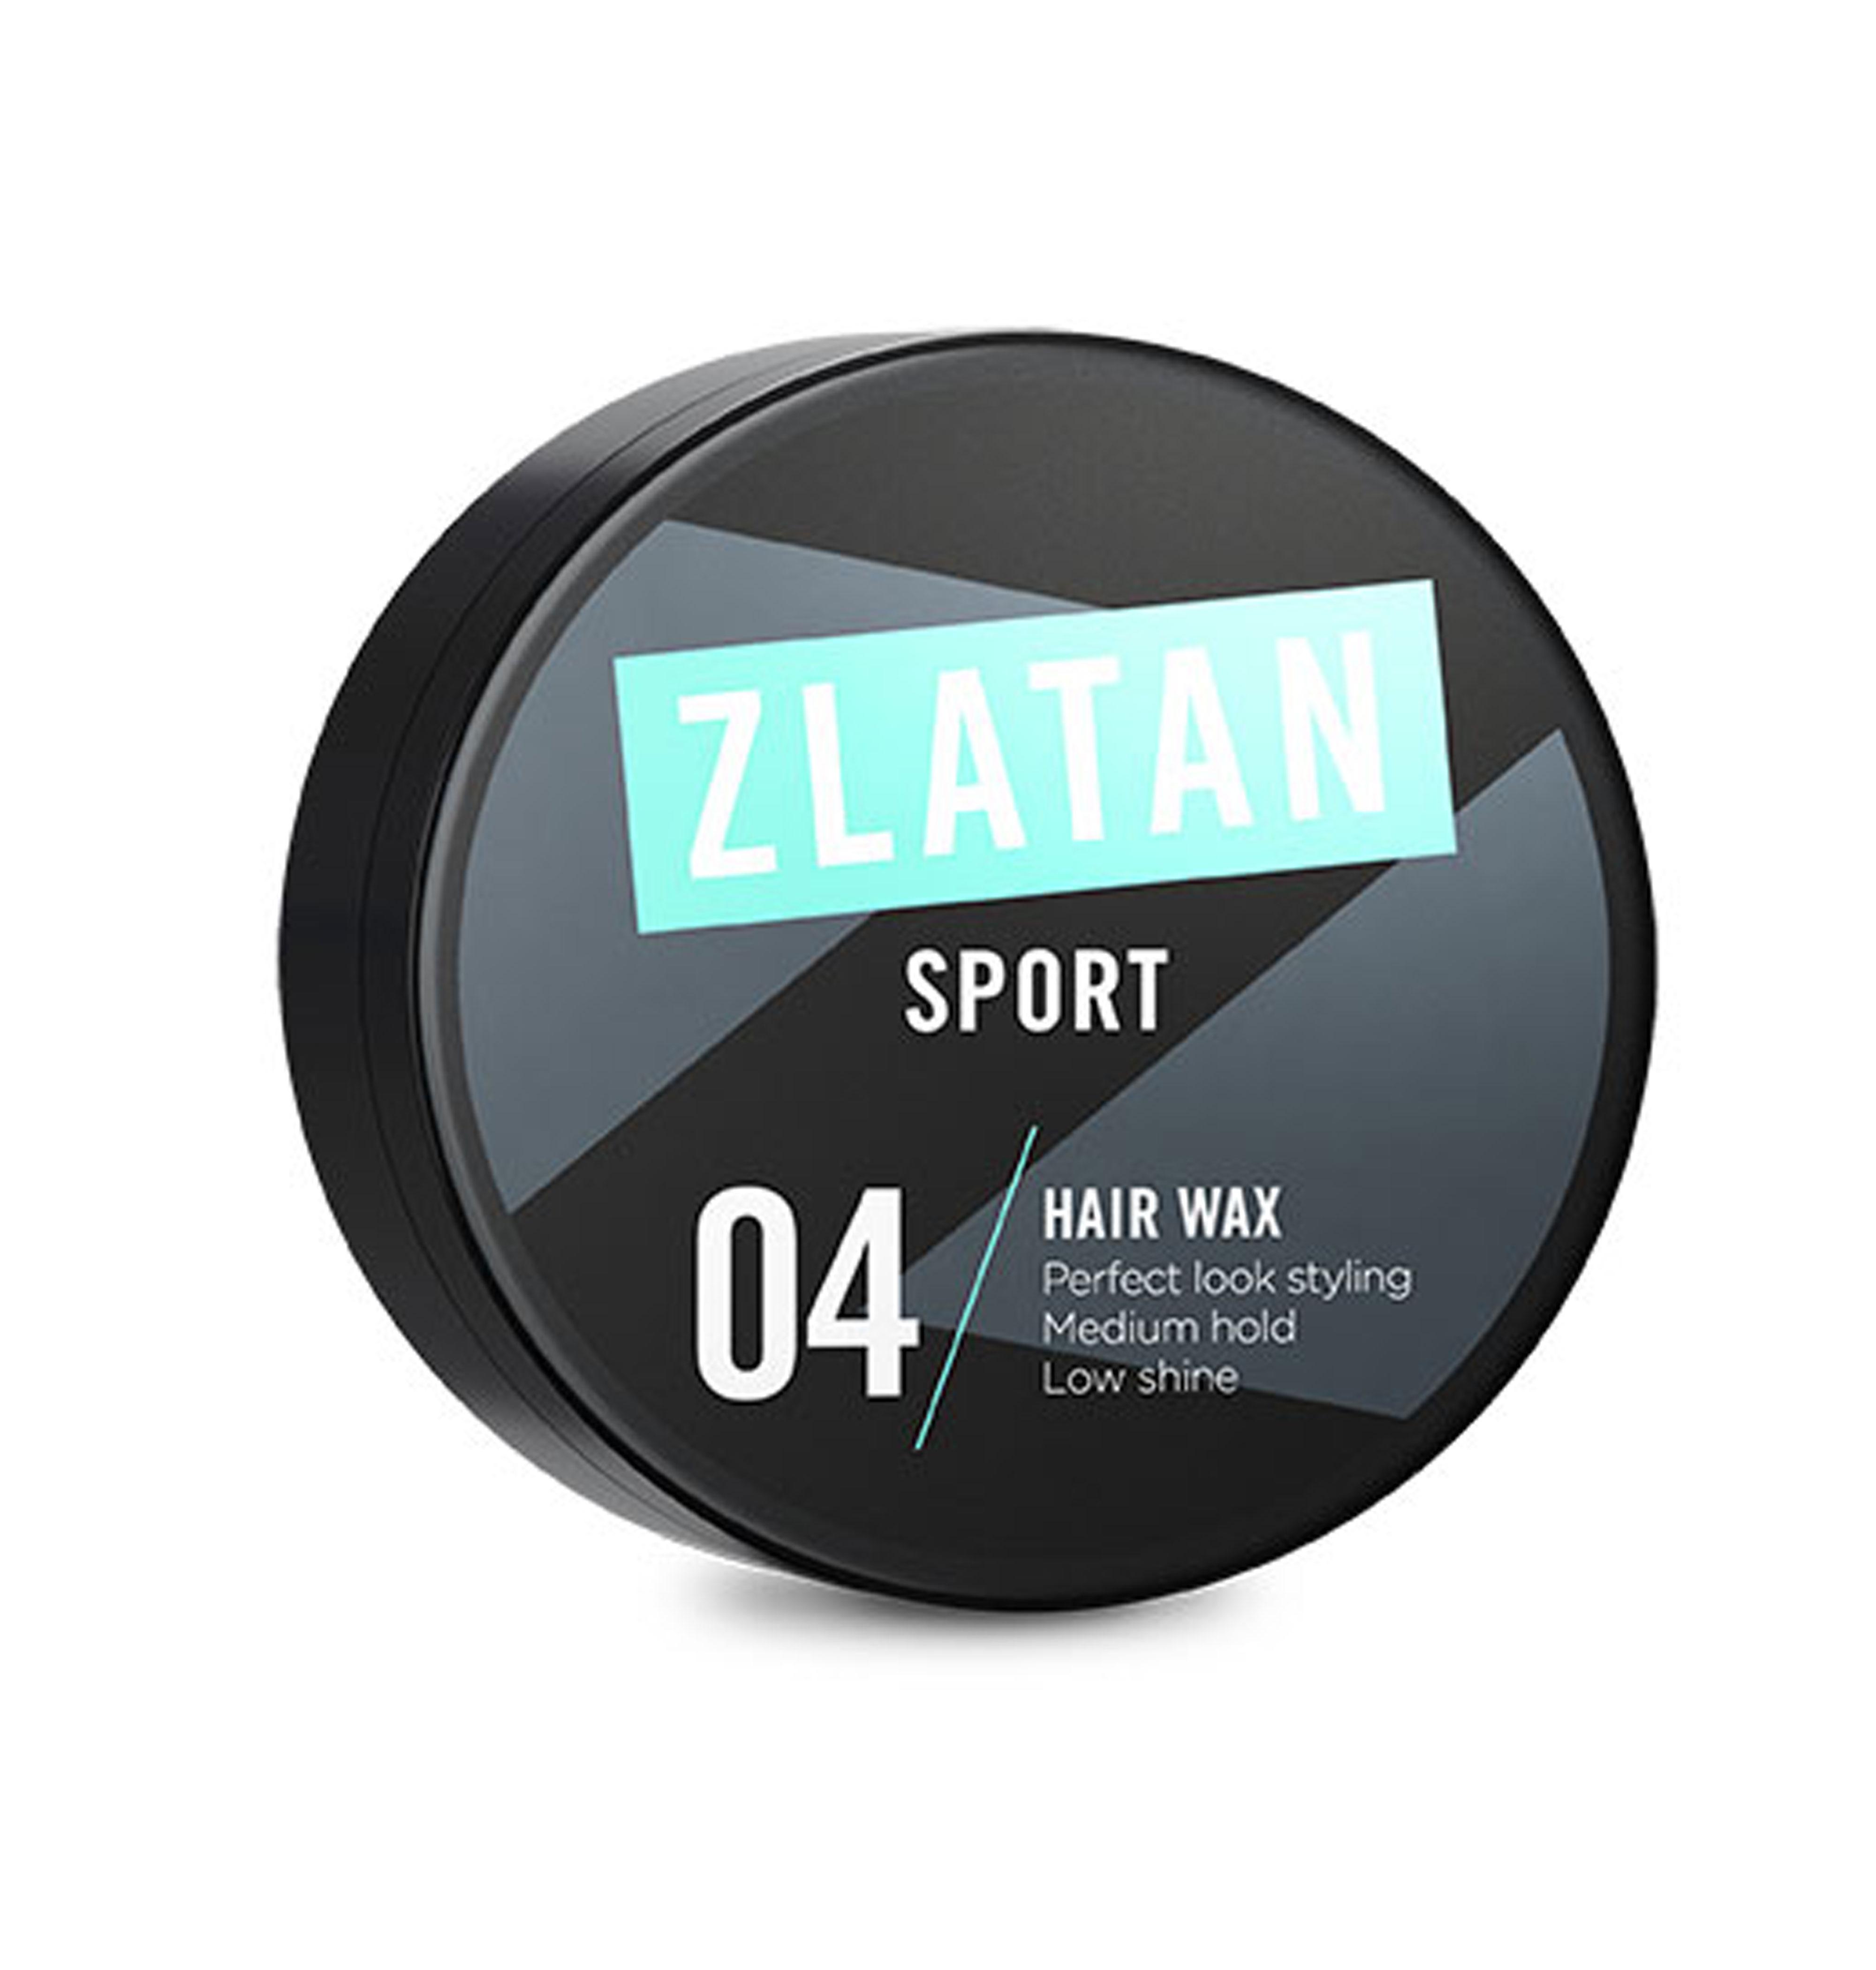 ZLATAN Sport Hair Wax 90ml